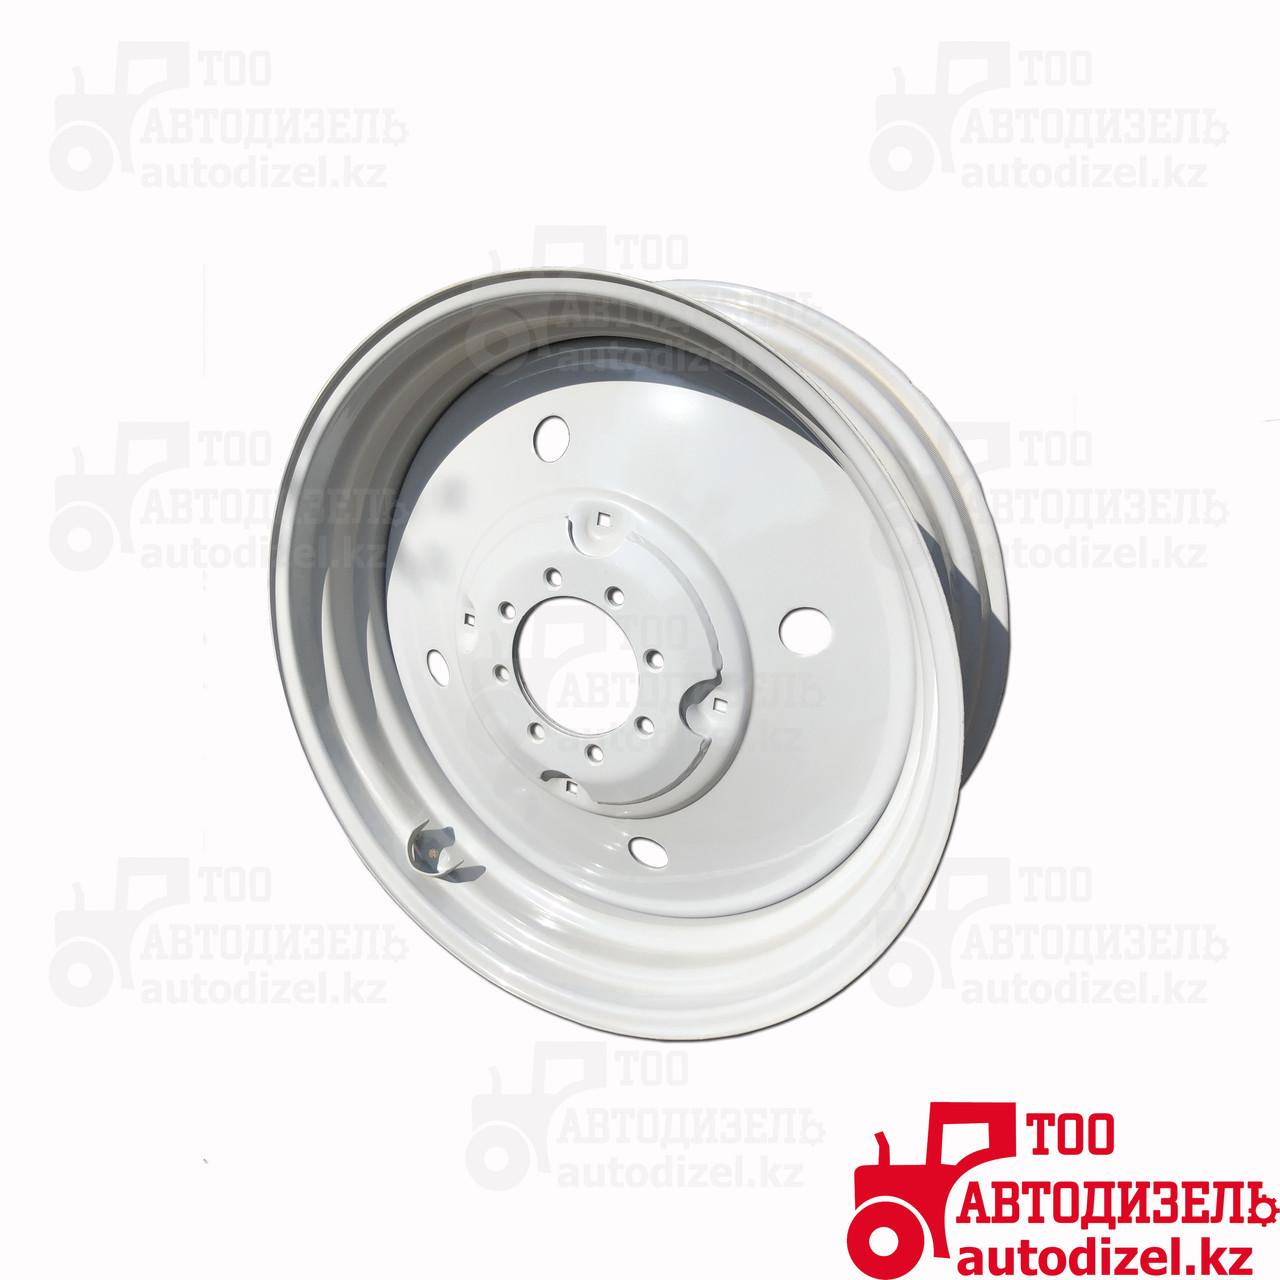 Диск колеса МТЗ Задний (обод) W14LX38-3107020 СБ